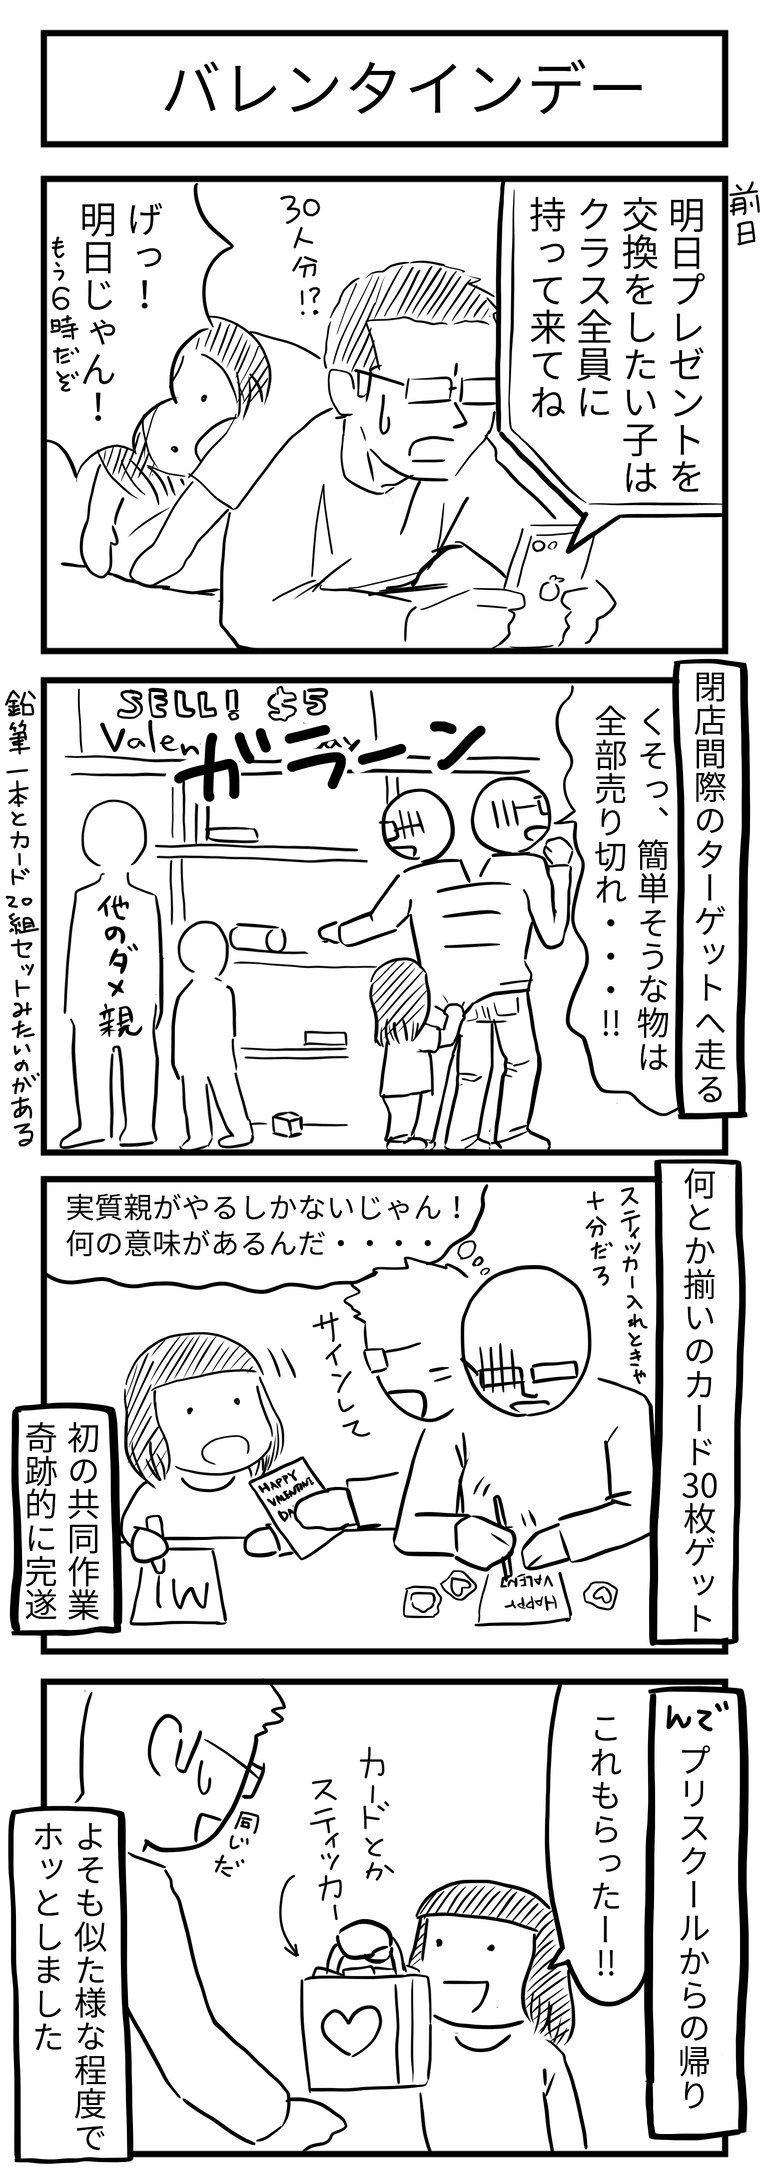 029_バレンタインデー_half